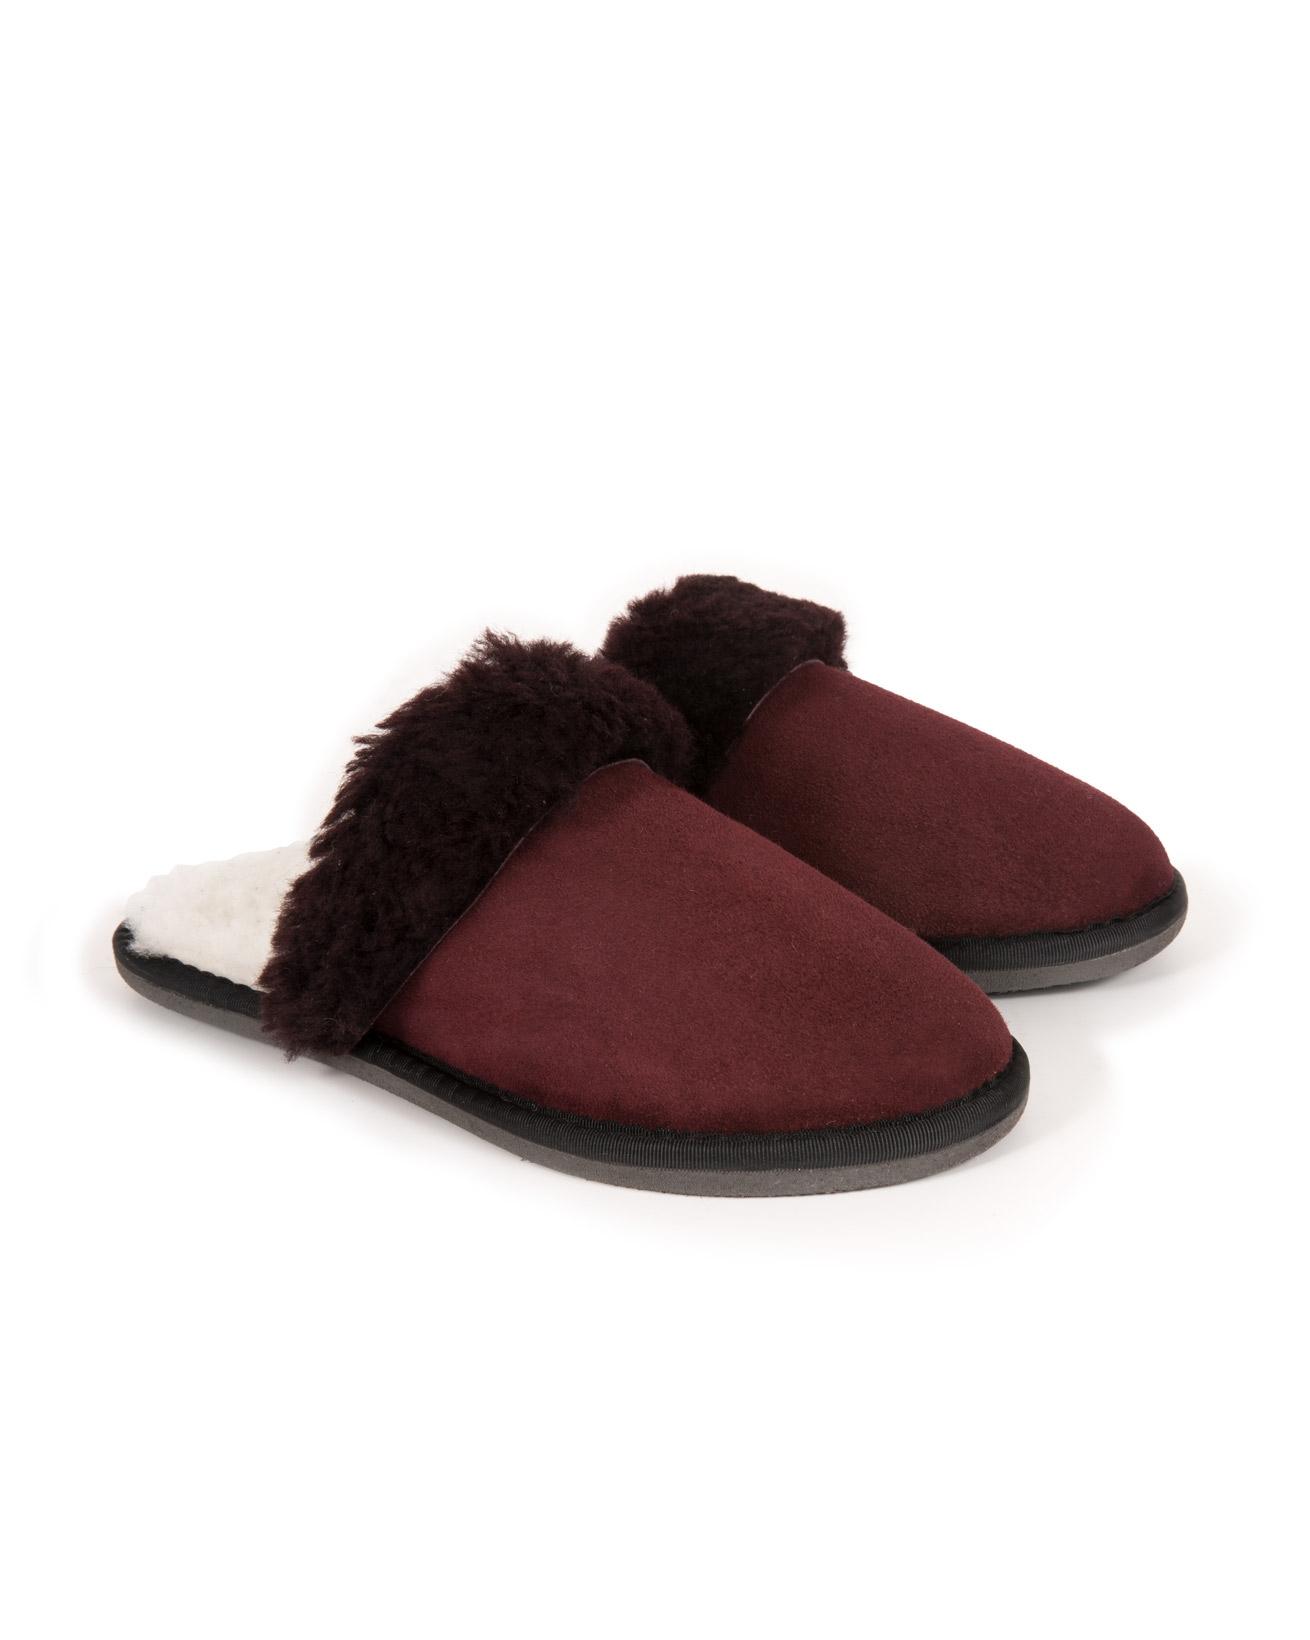 Ladies Turnback Mules - Size 5 - Claret - 988